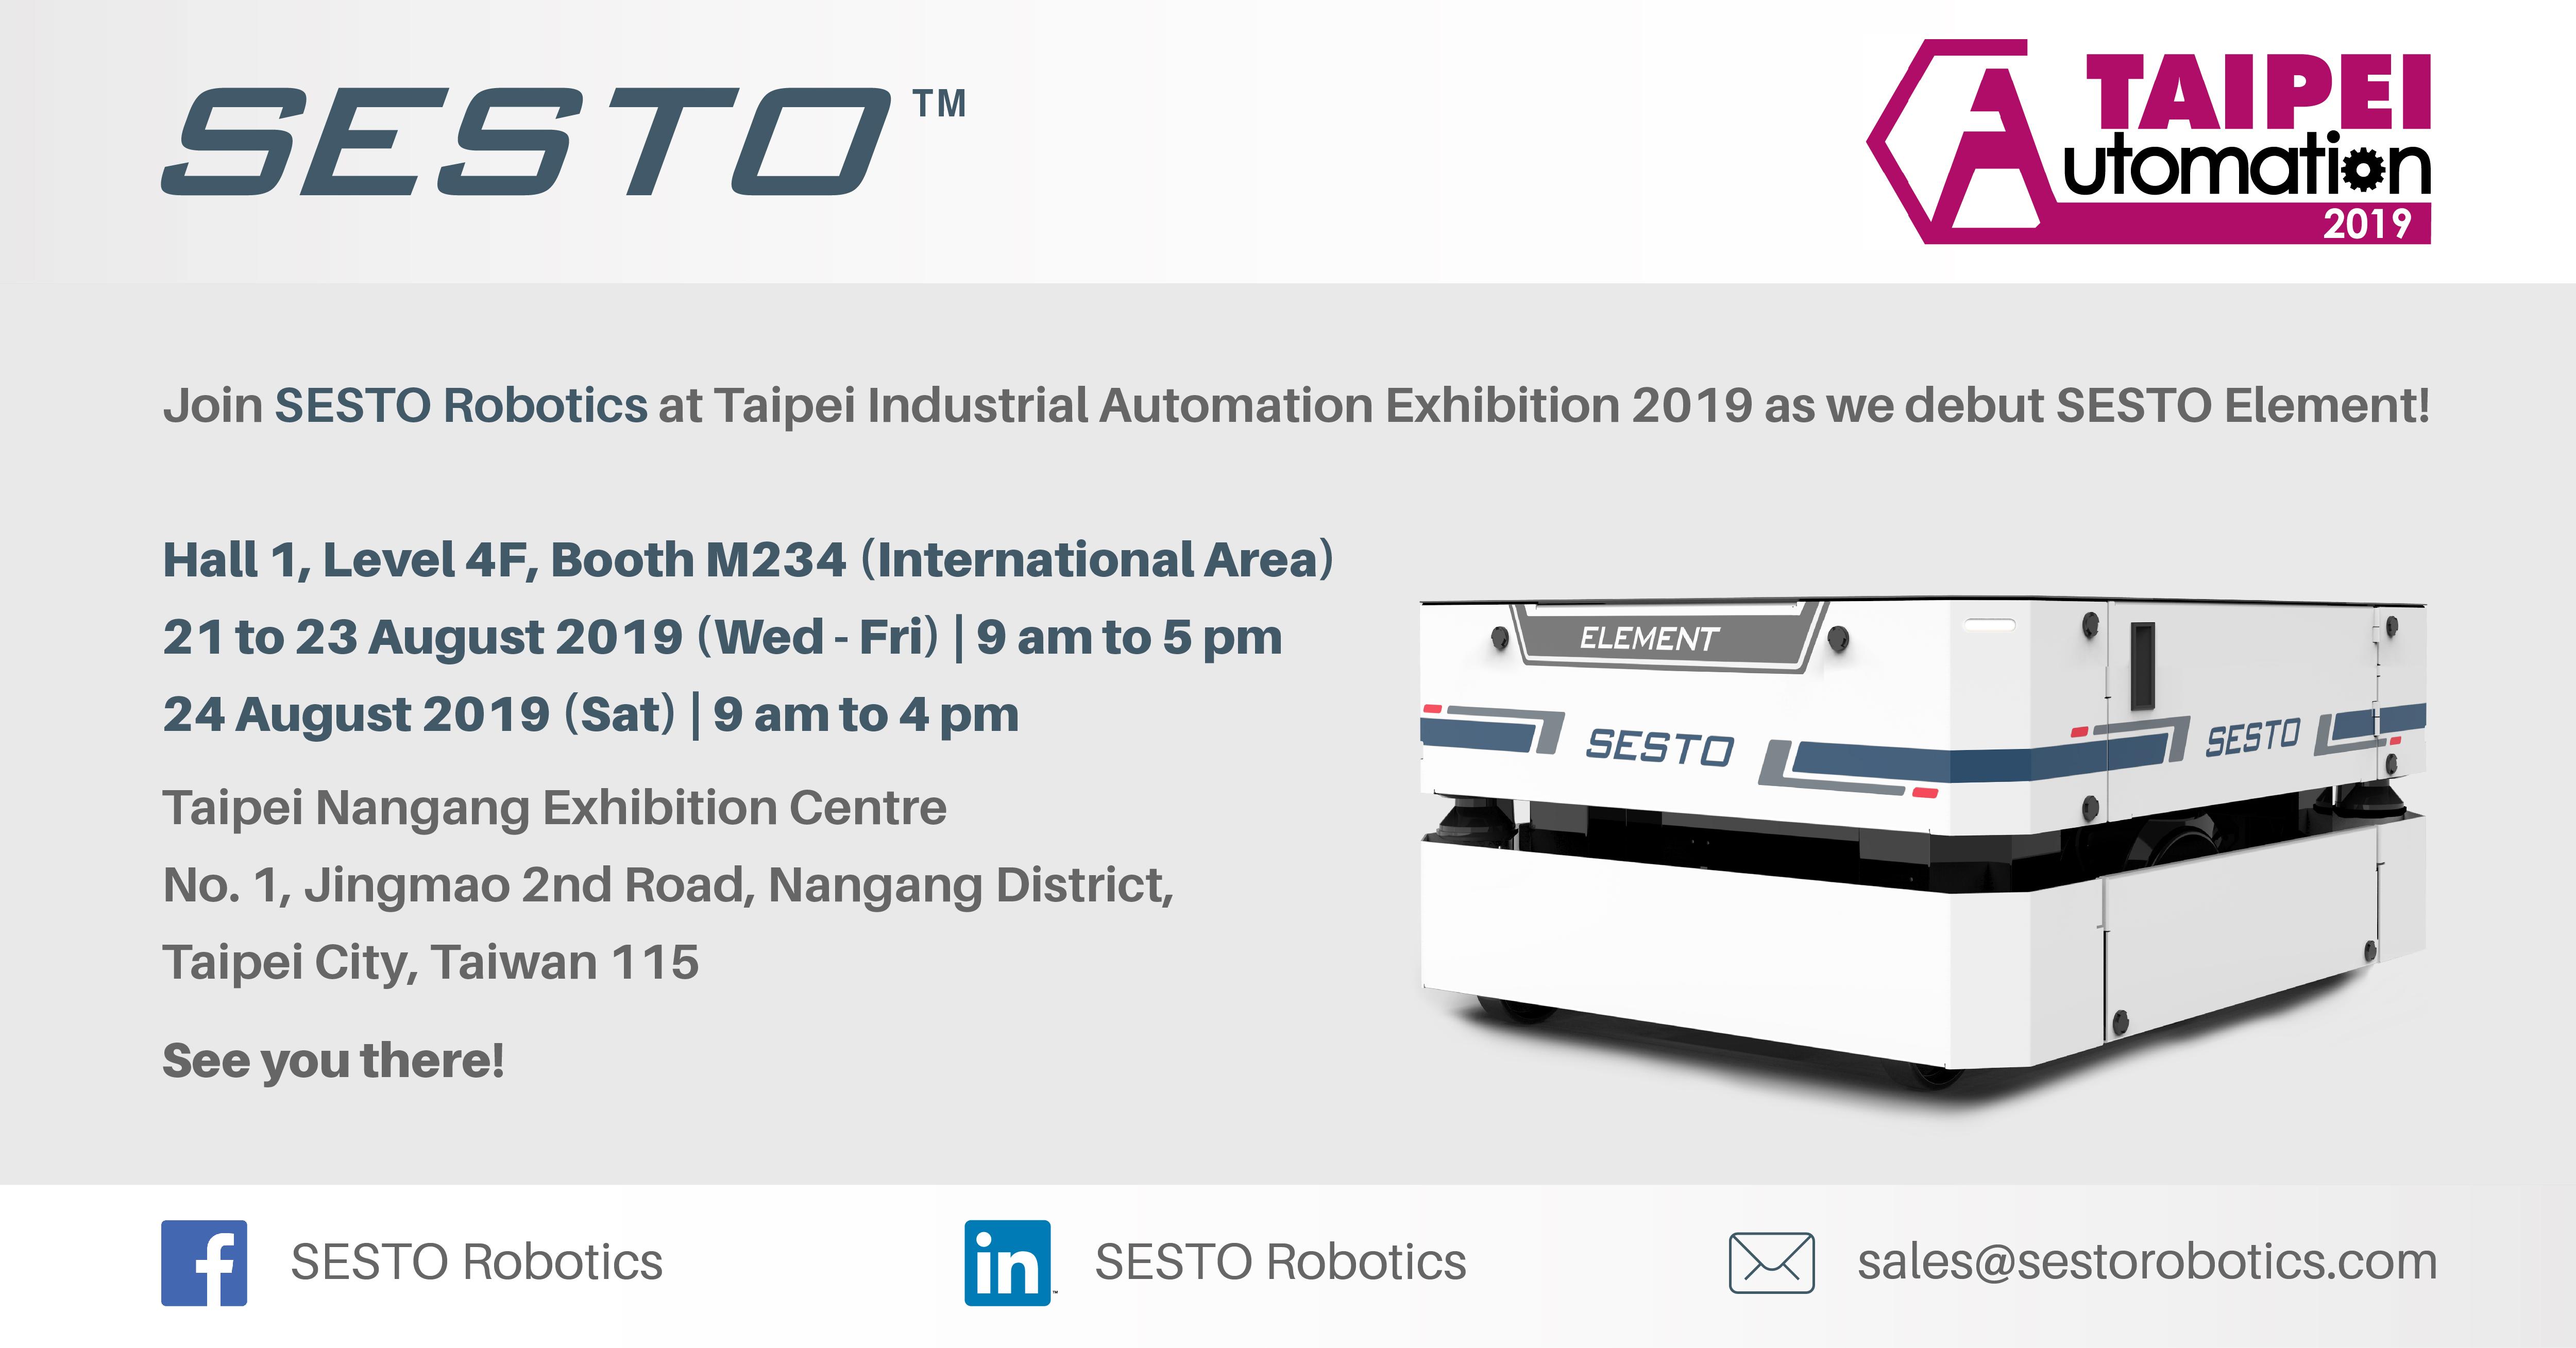 SESTO Robotics invites you to Taipei Industrial Automation Exhibition 2019